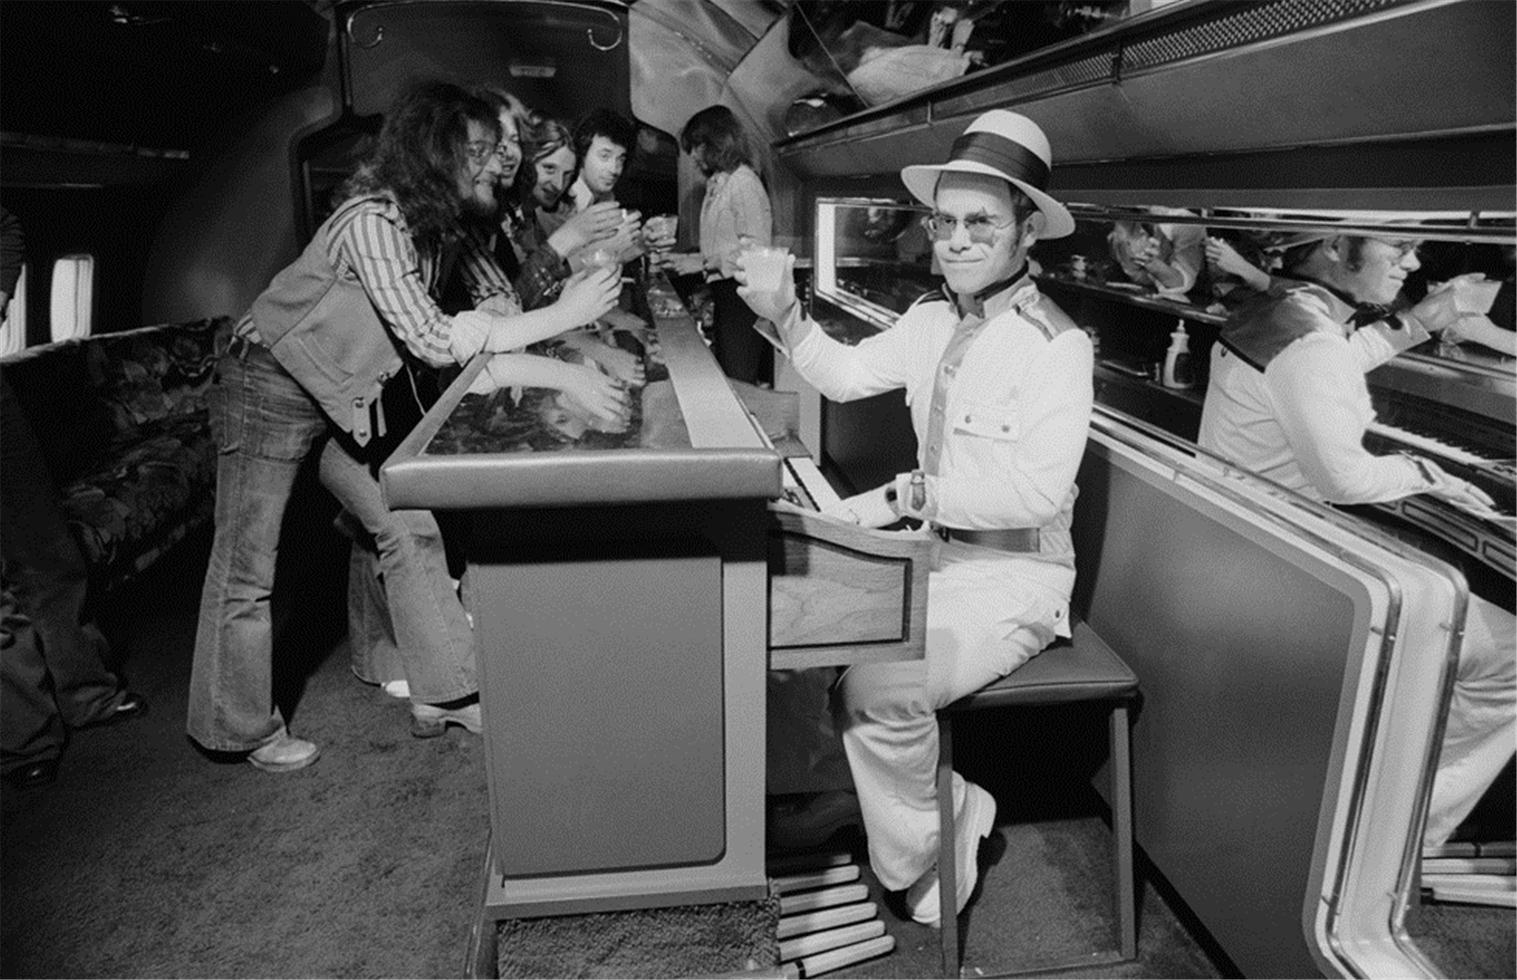 Elton John on airplane